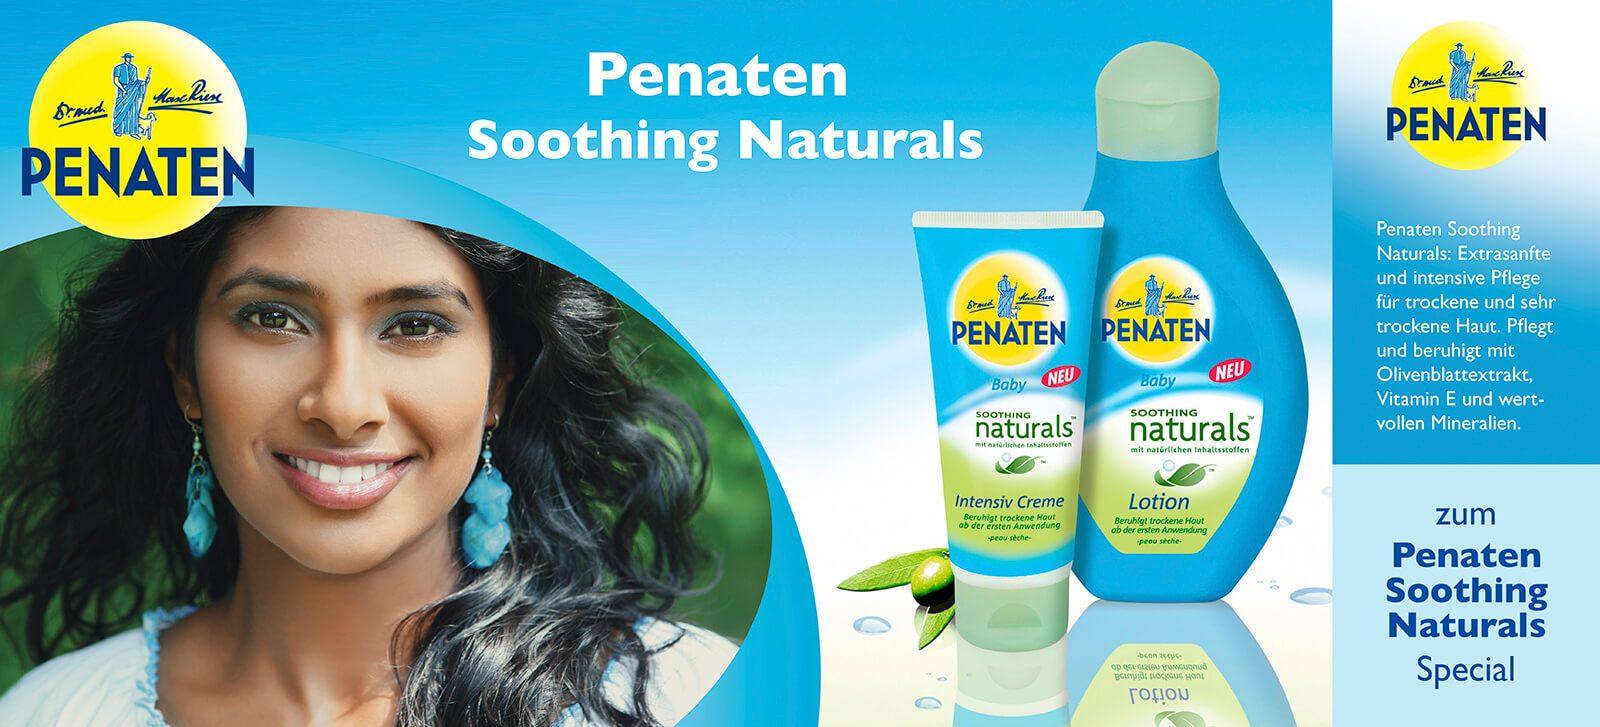 Penaten Special